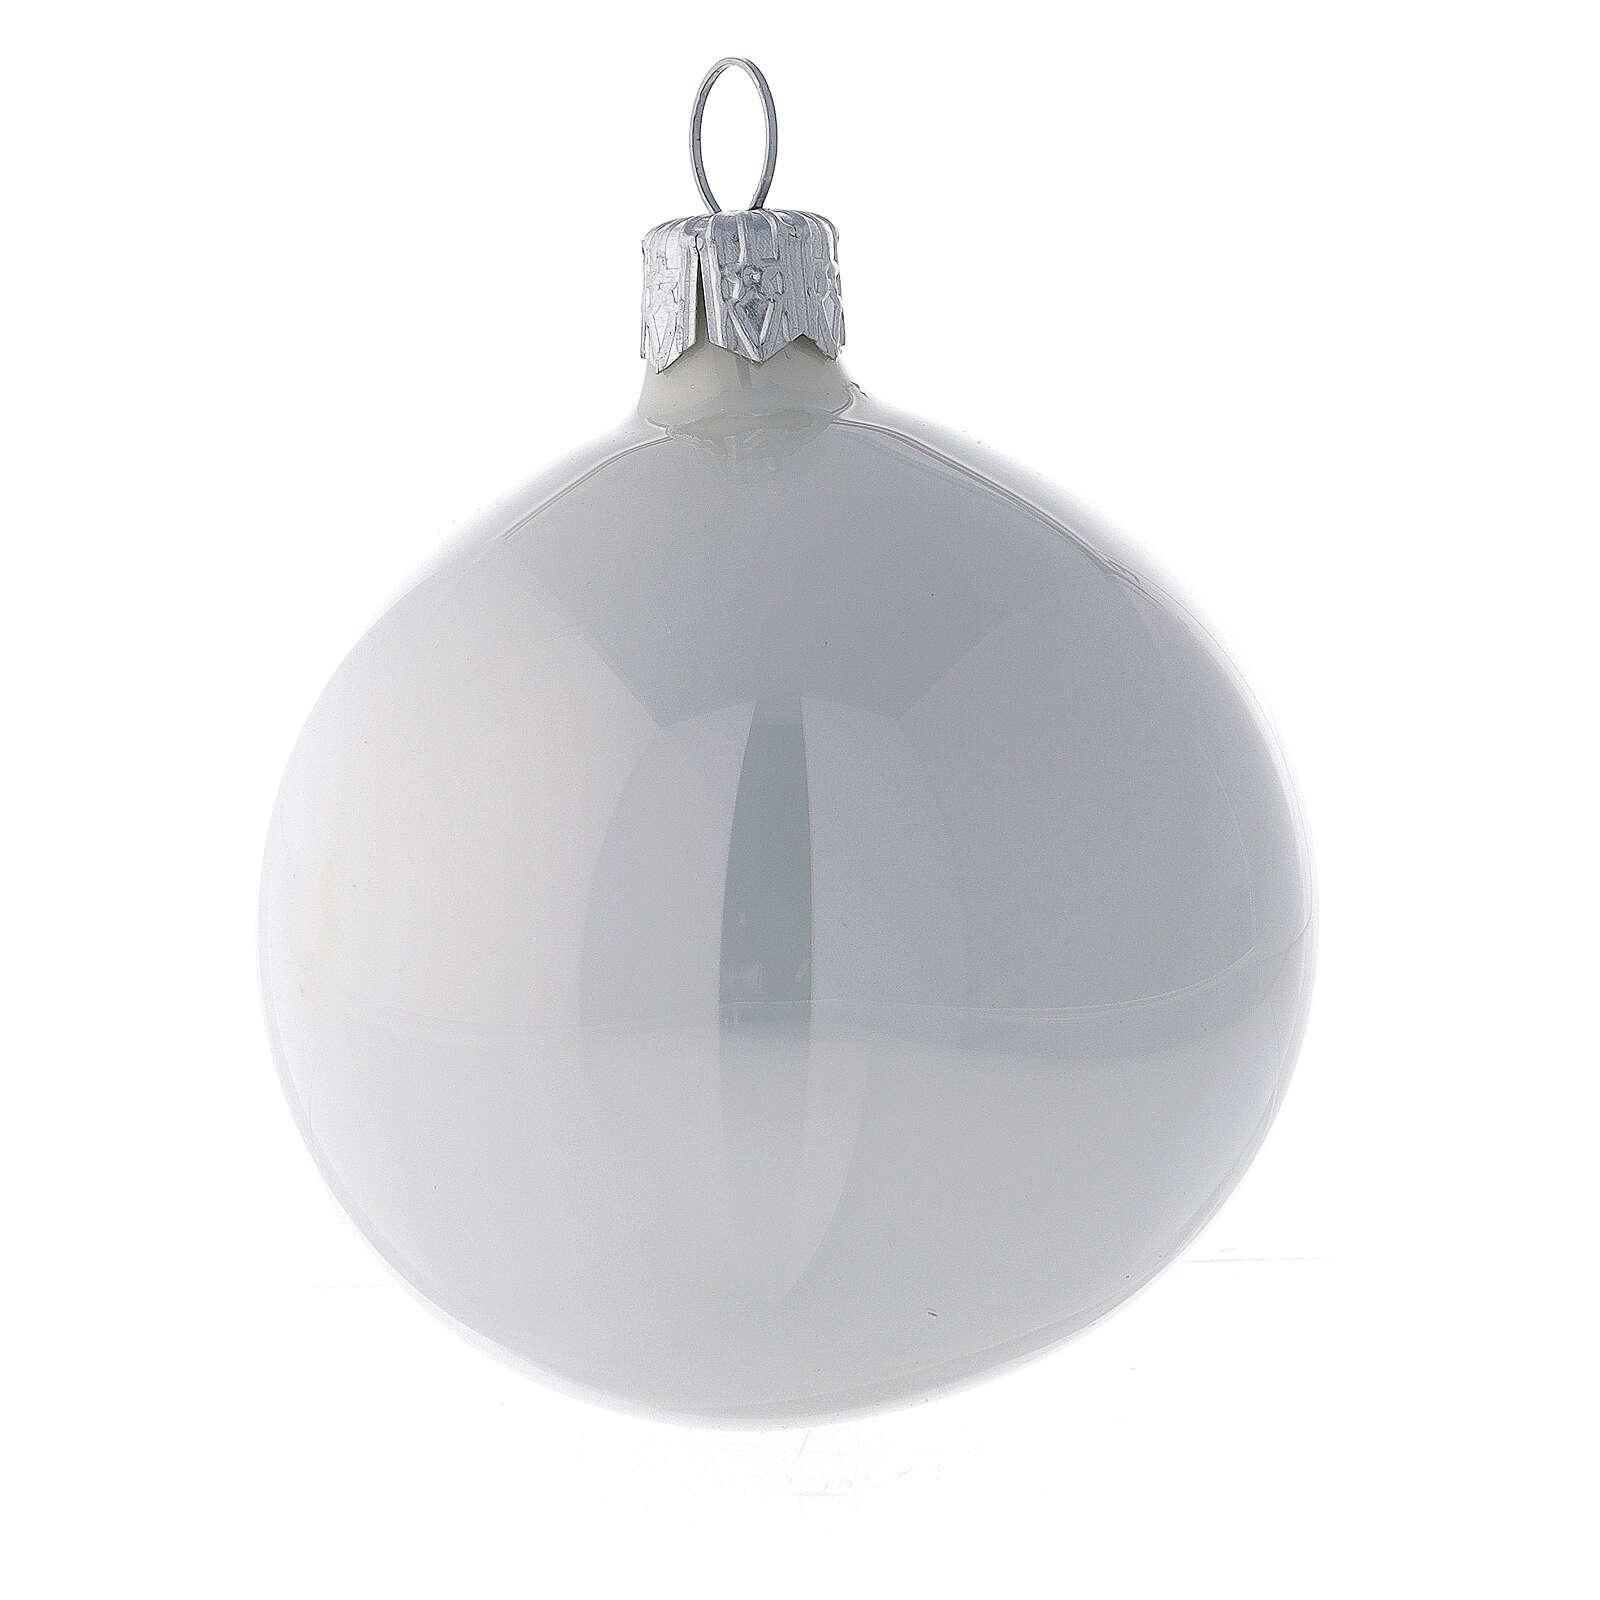 Pallina vetro soffiato albero Natale bianco perla lucido 60 mm 6 pz 4